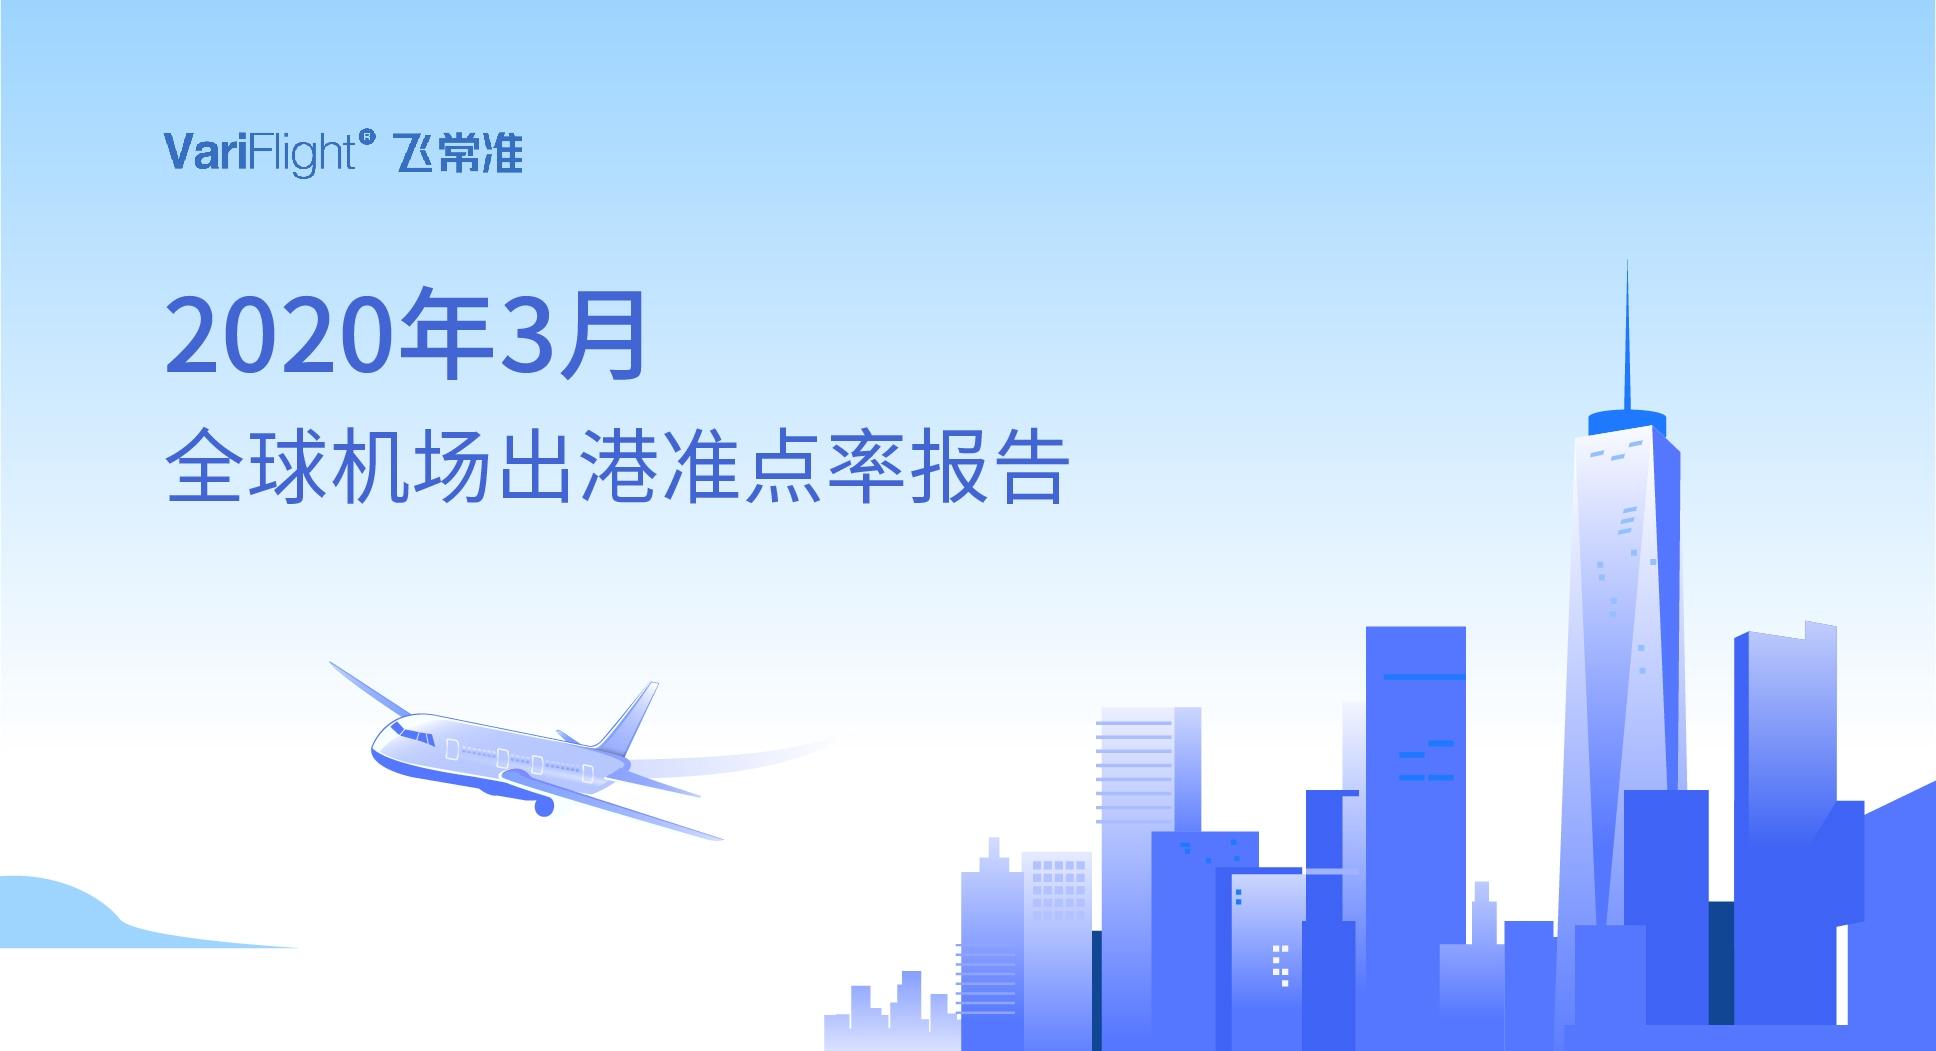 3月欧洲主要国家航班量同比下降4-6成 重庆江北成中国最准点大型机场